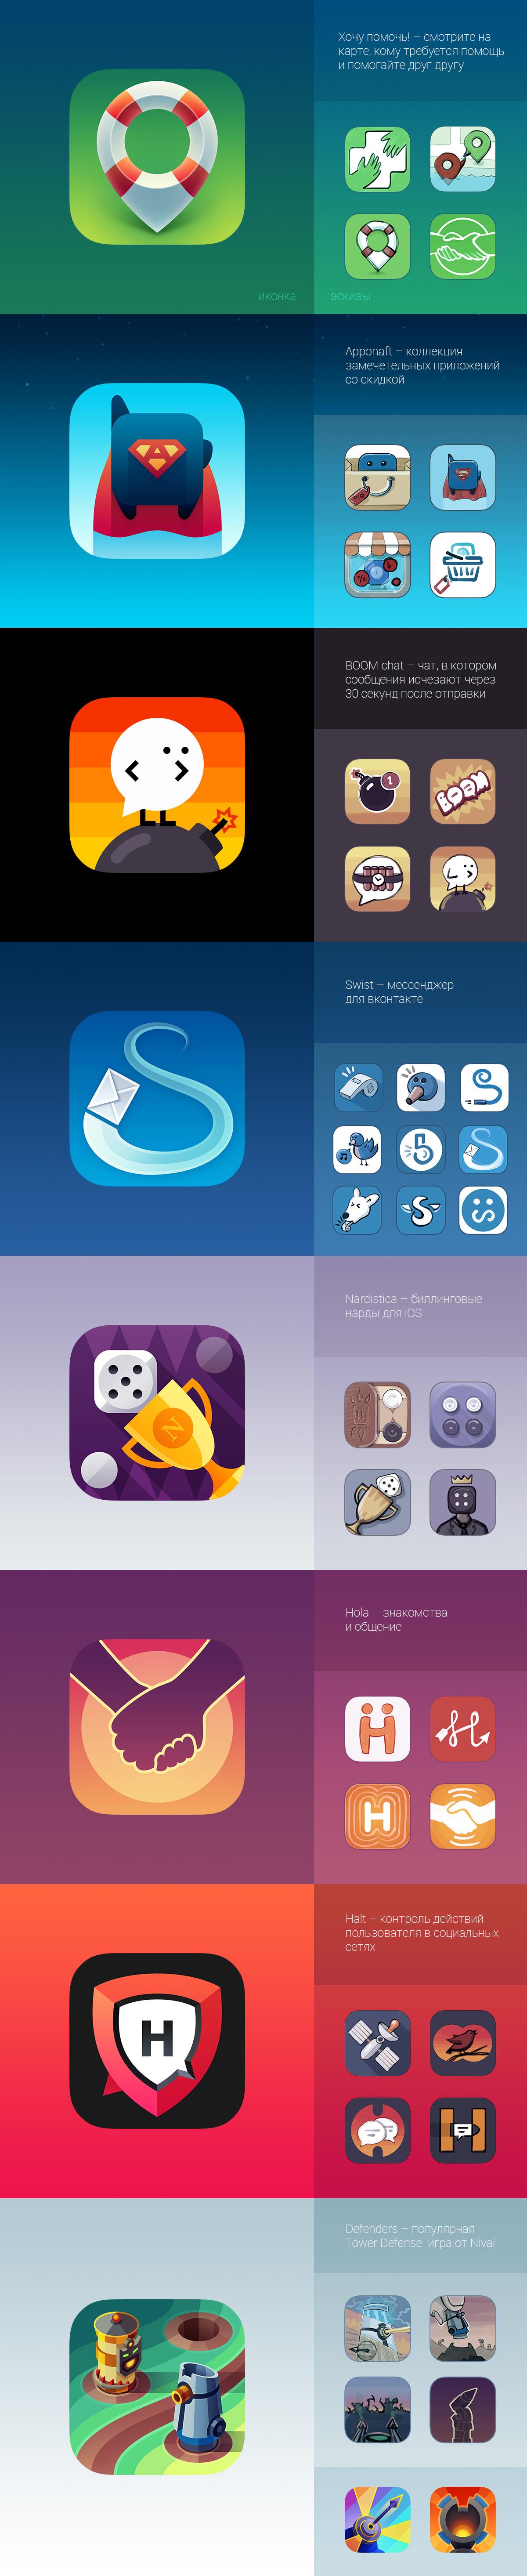 Несколько плоских иконок iOS приложений и скетчи к ним